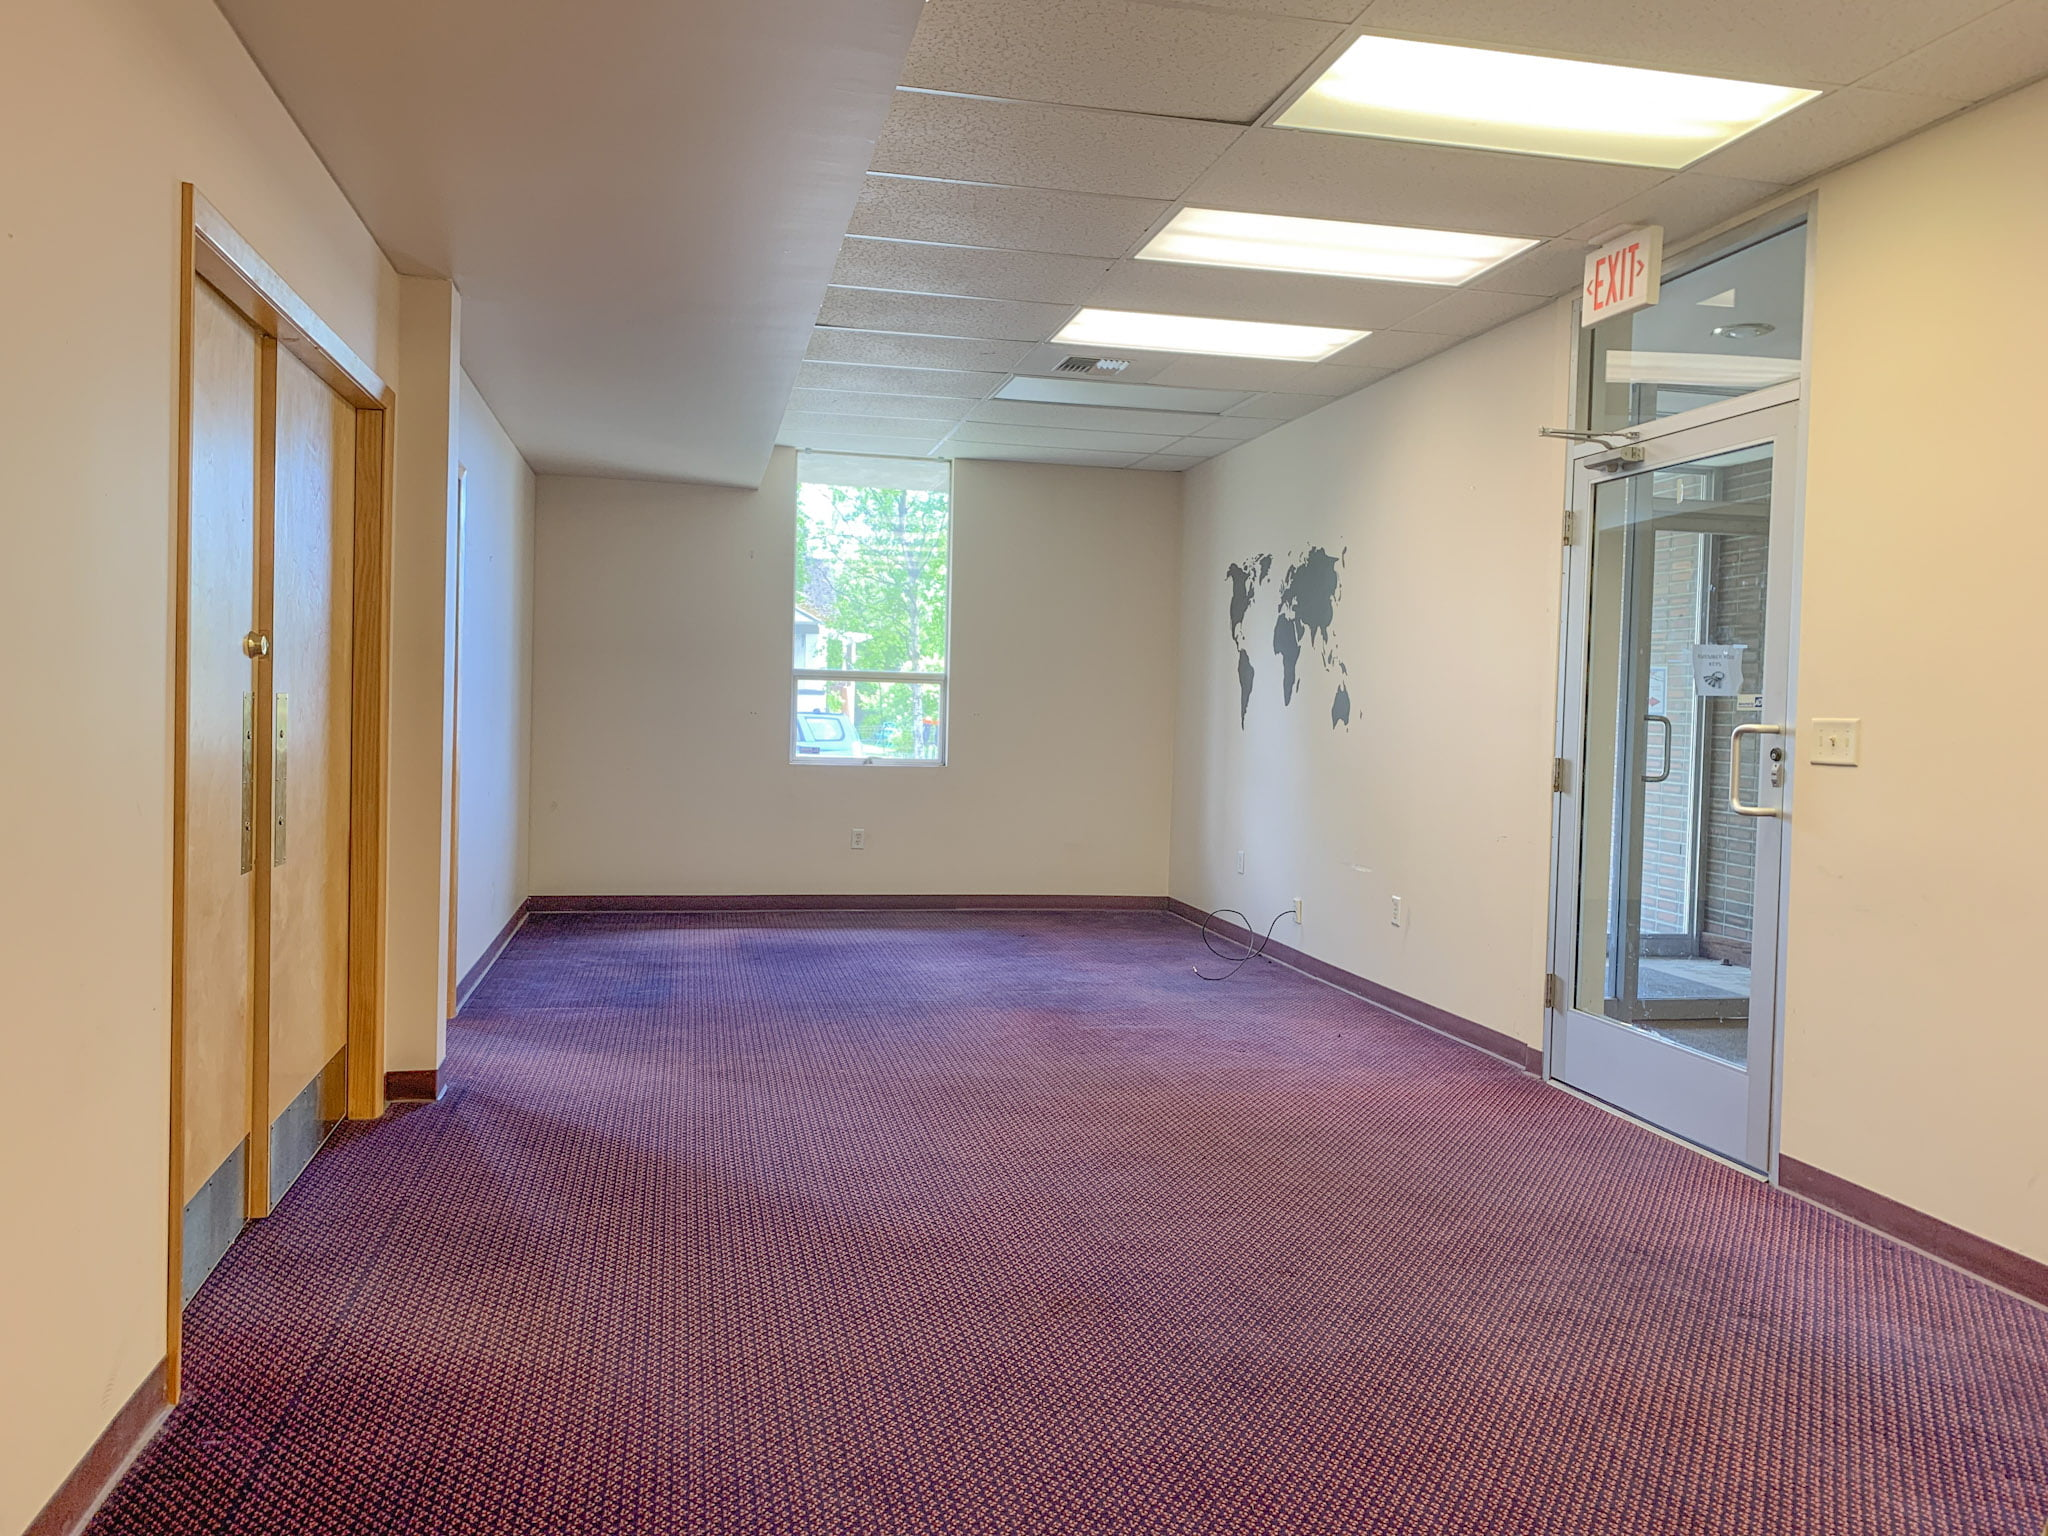 921 W 6th Ave - interior 4